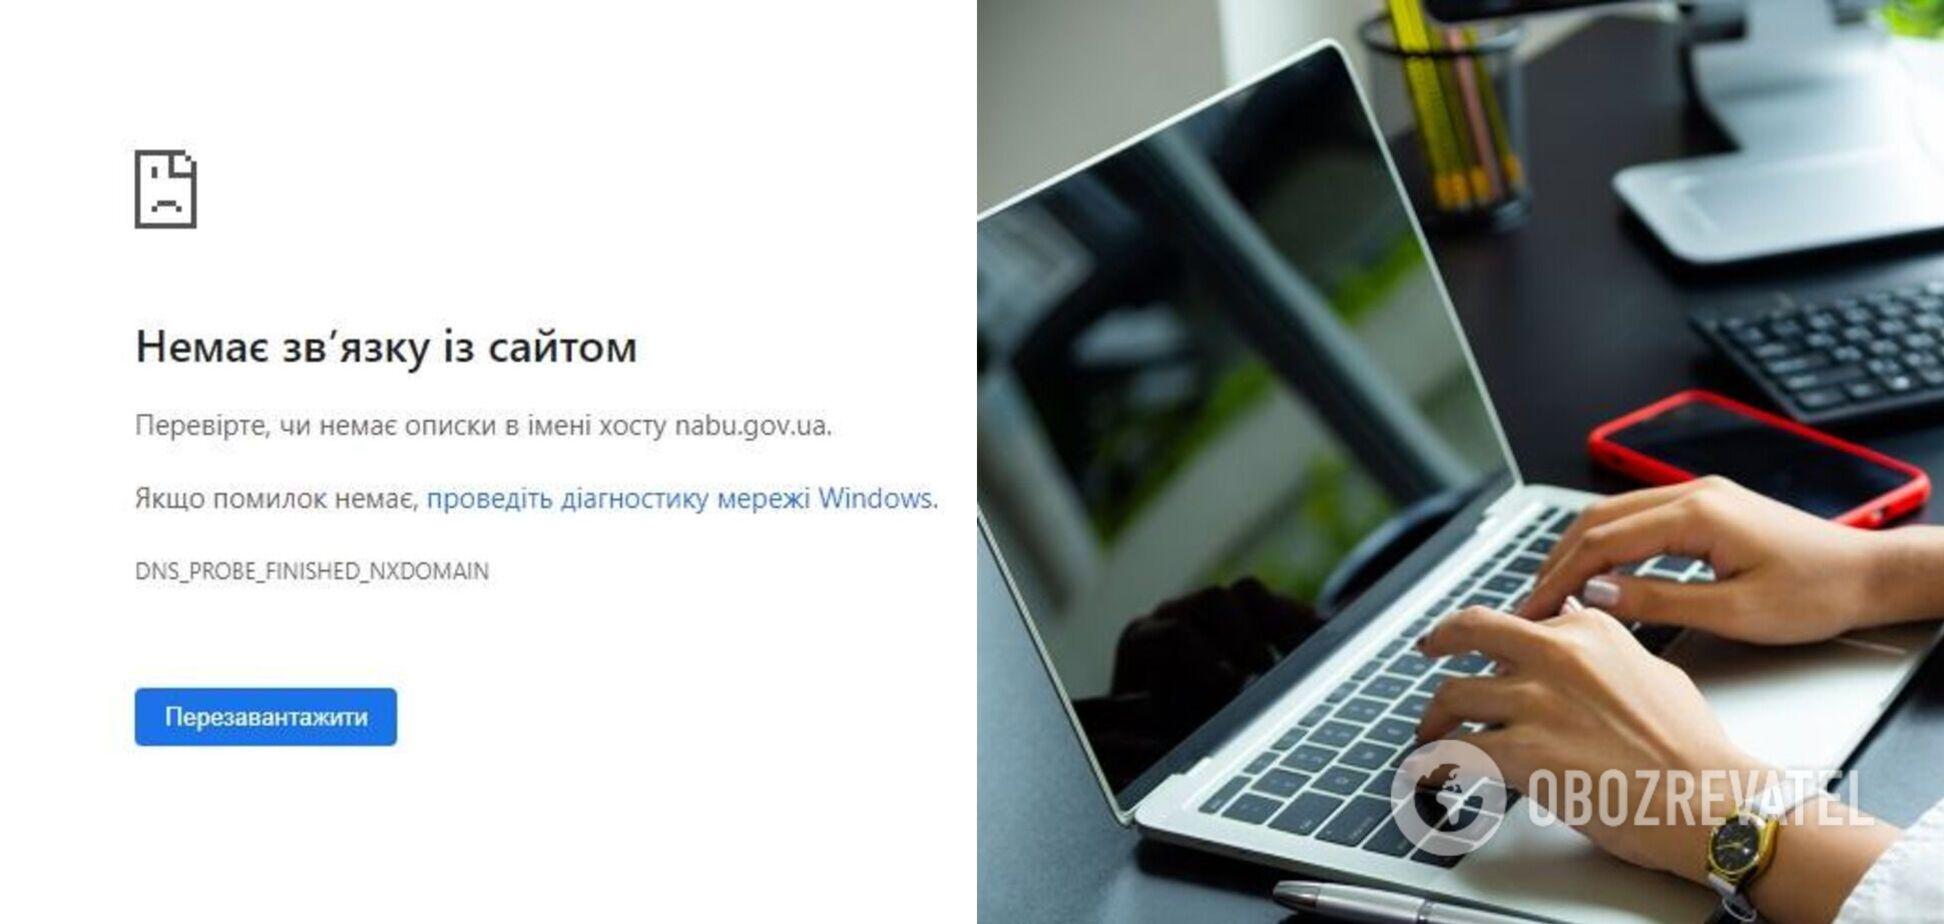 В Україні вслід за ОП одночасно 'впали' сайти СБУ, ДБР, НАБУ: що сталося з веб-ресурсами